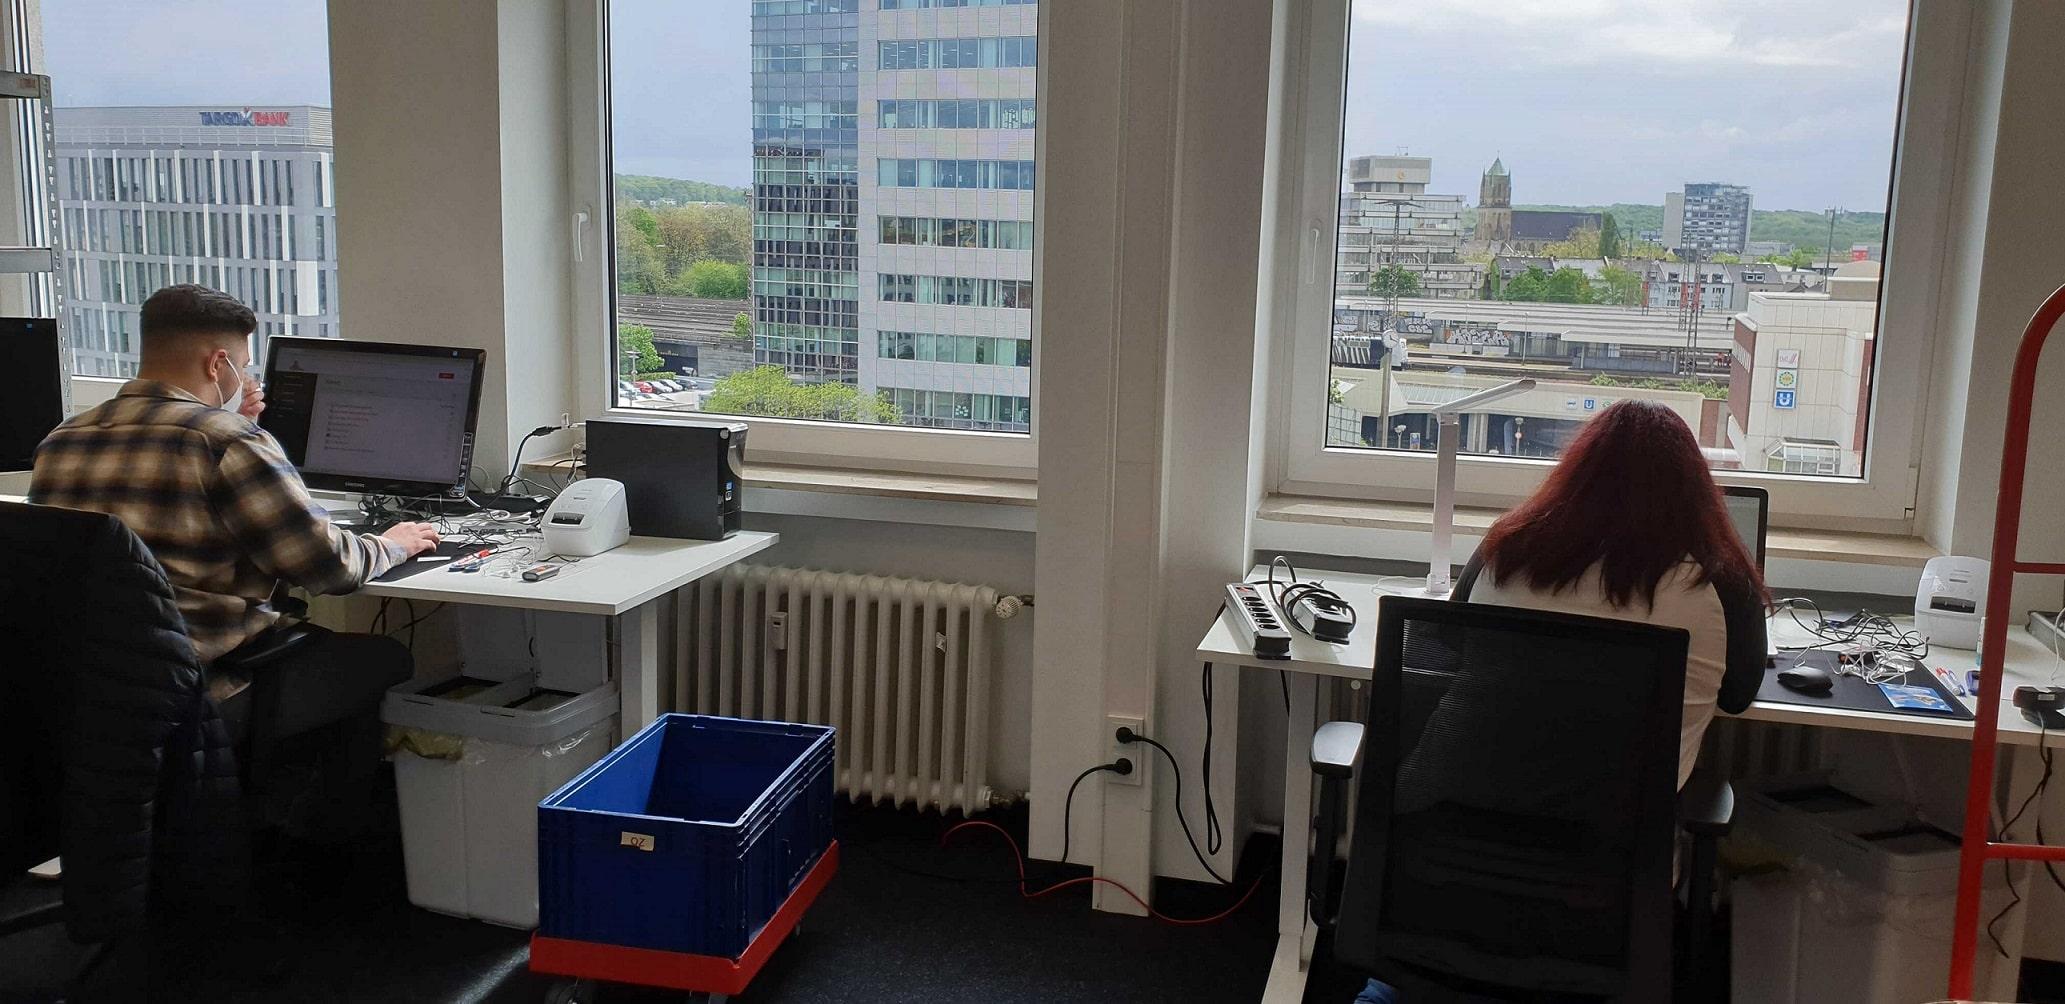 Standort Duisburg: Arbeiten mit Aussicht, direkt am Hauptbahnhof